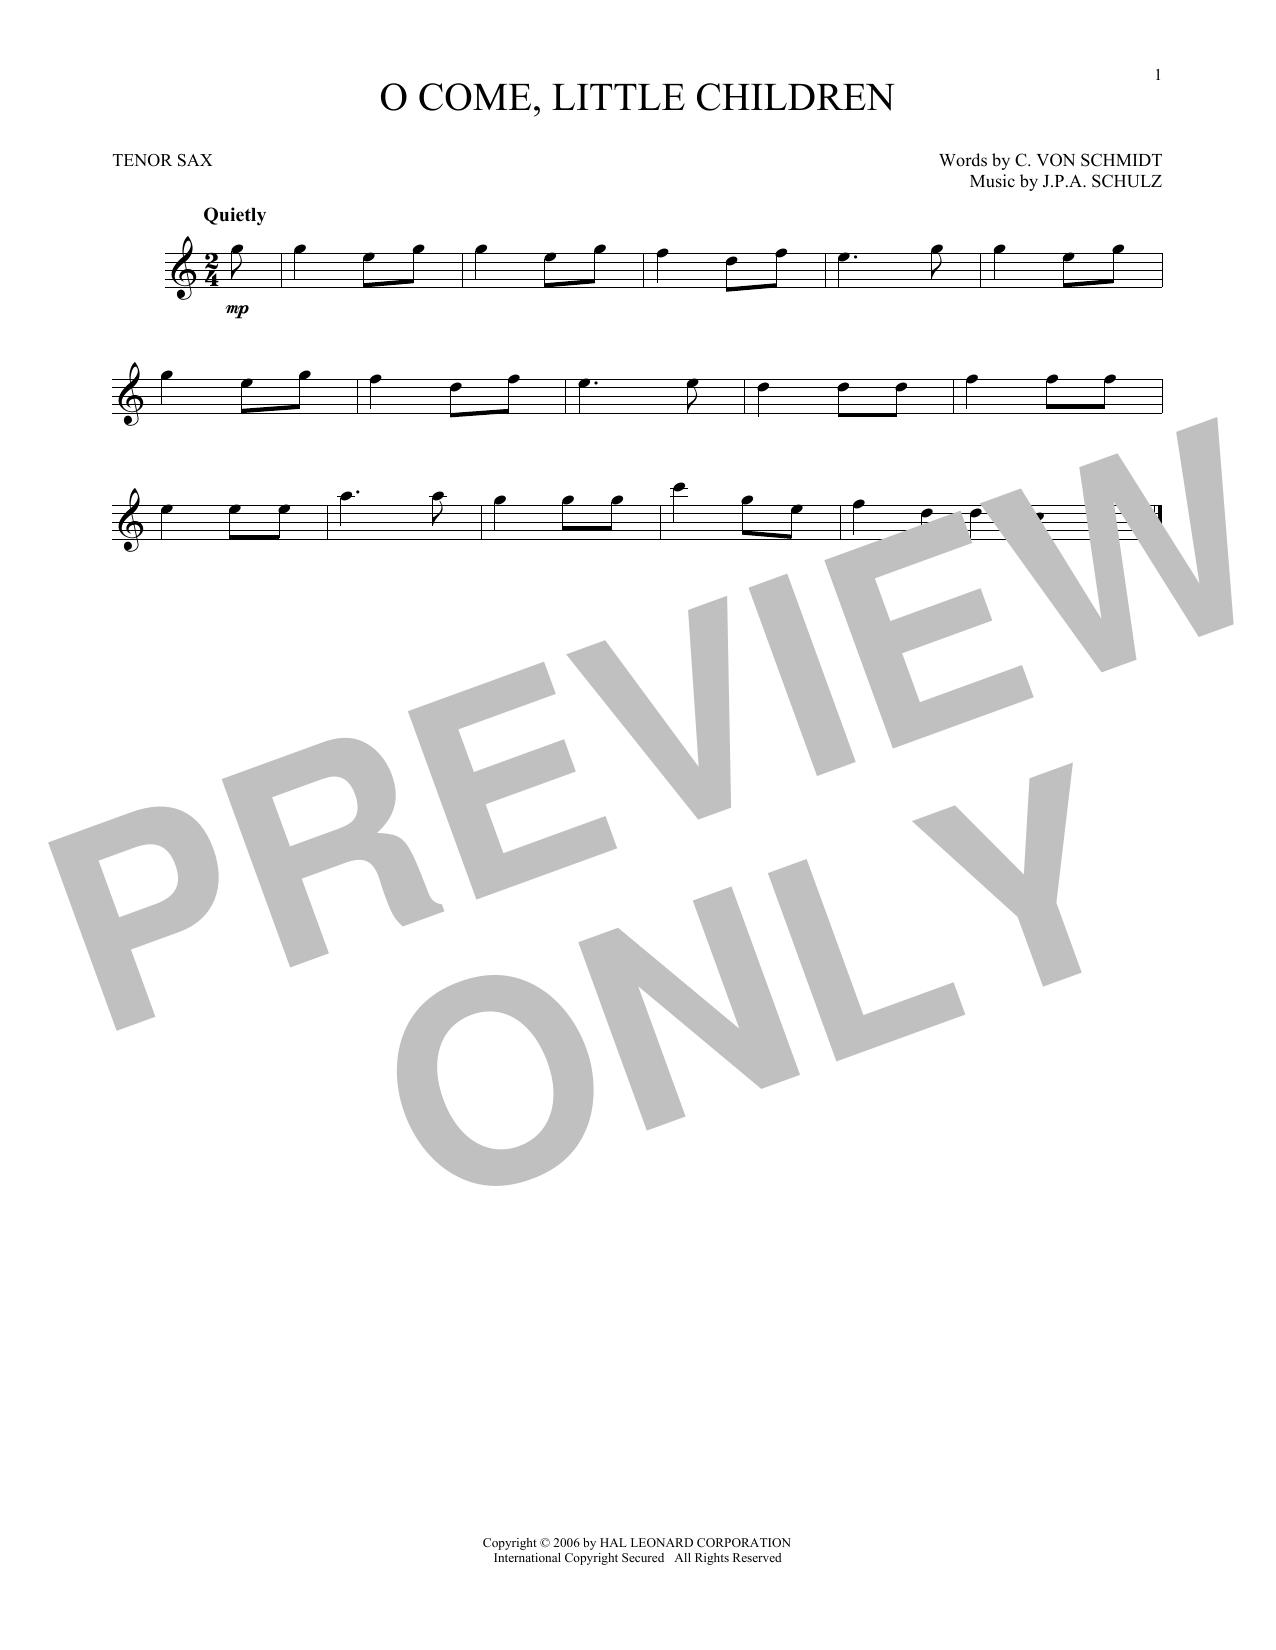 O Come, Little Children (Tenor Sax Solo)